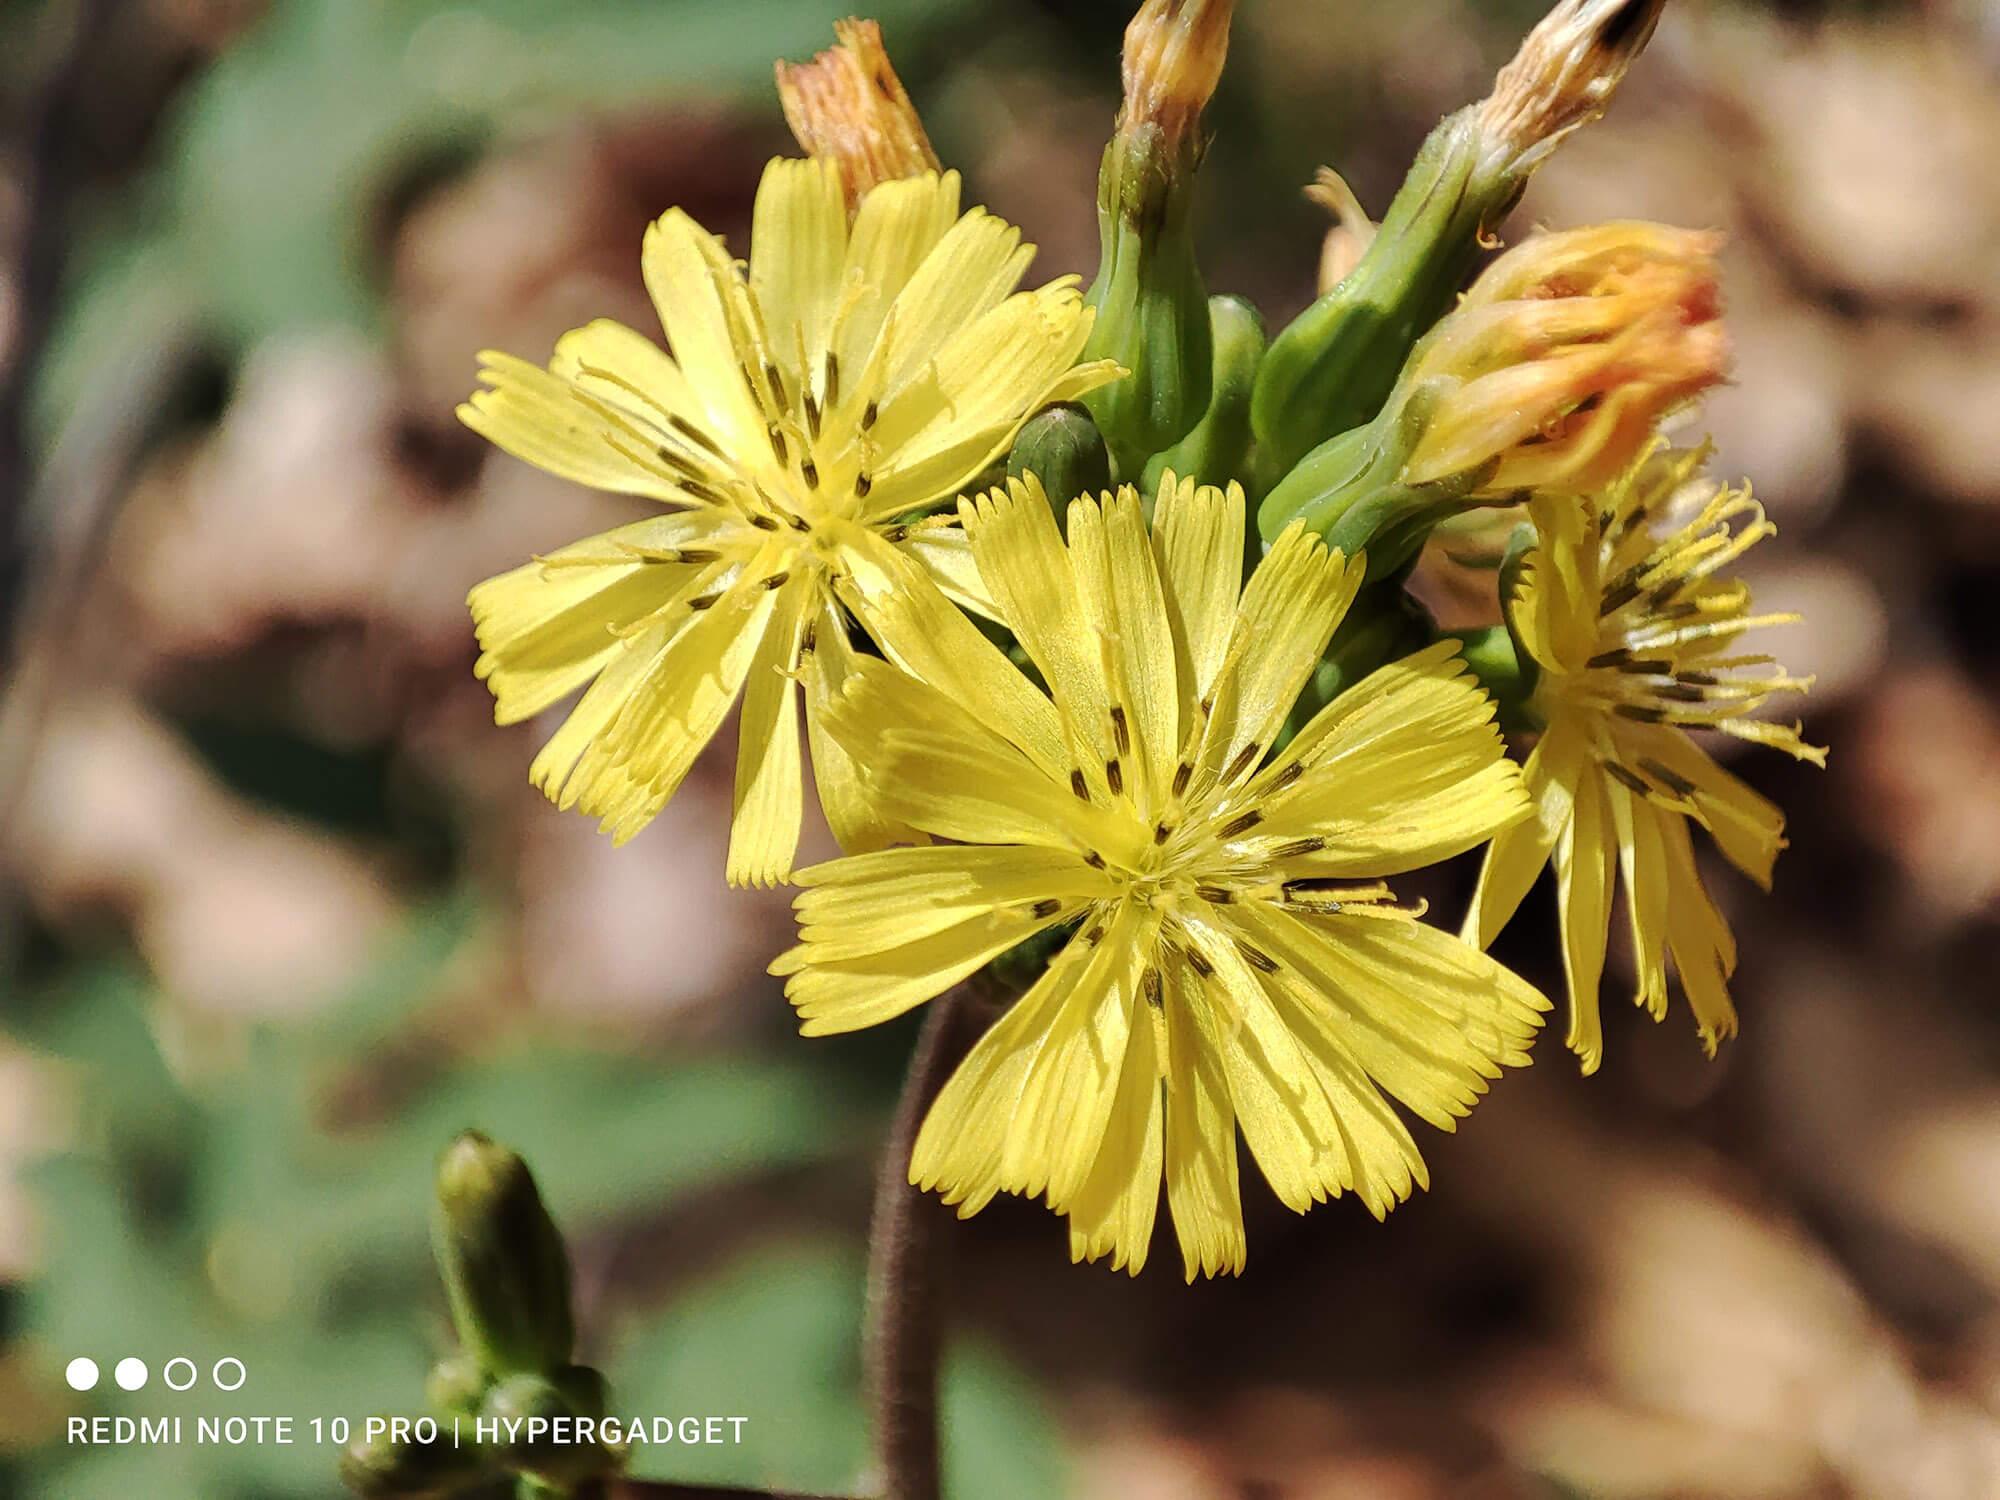 Redmi Note 10 Proのマクロカメラで撮影した黄色い花